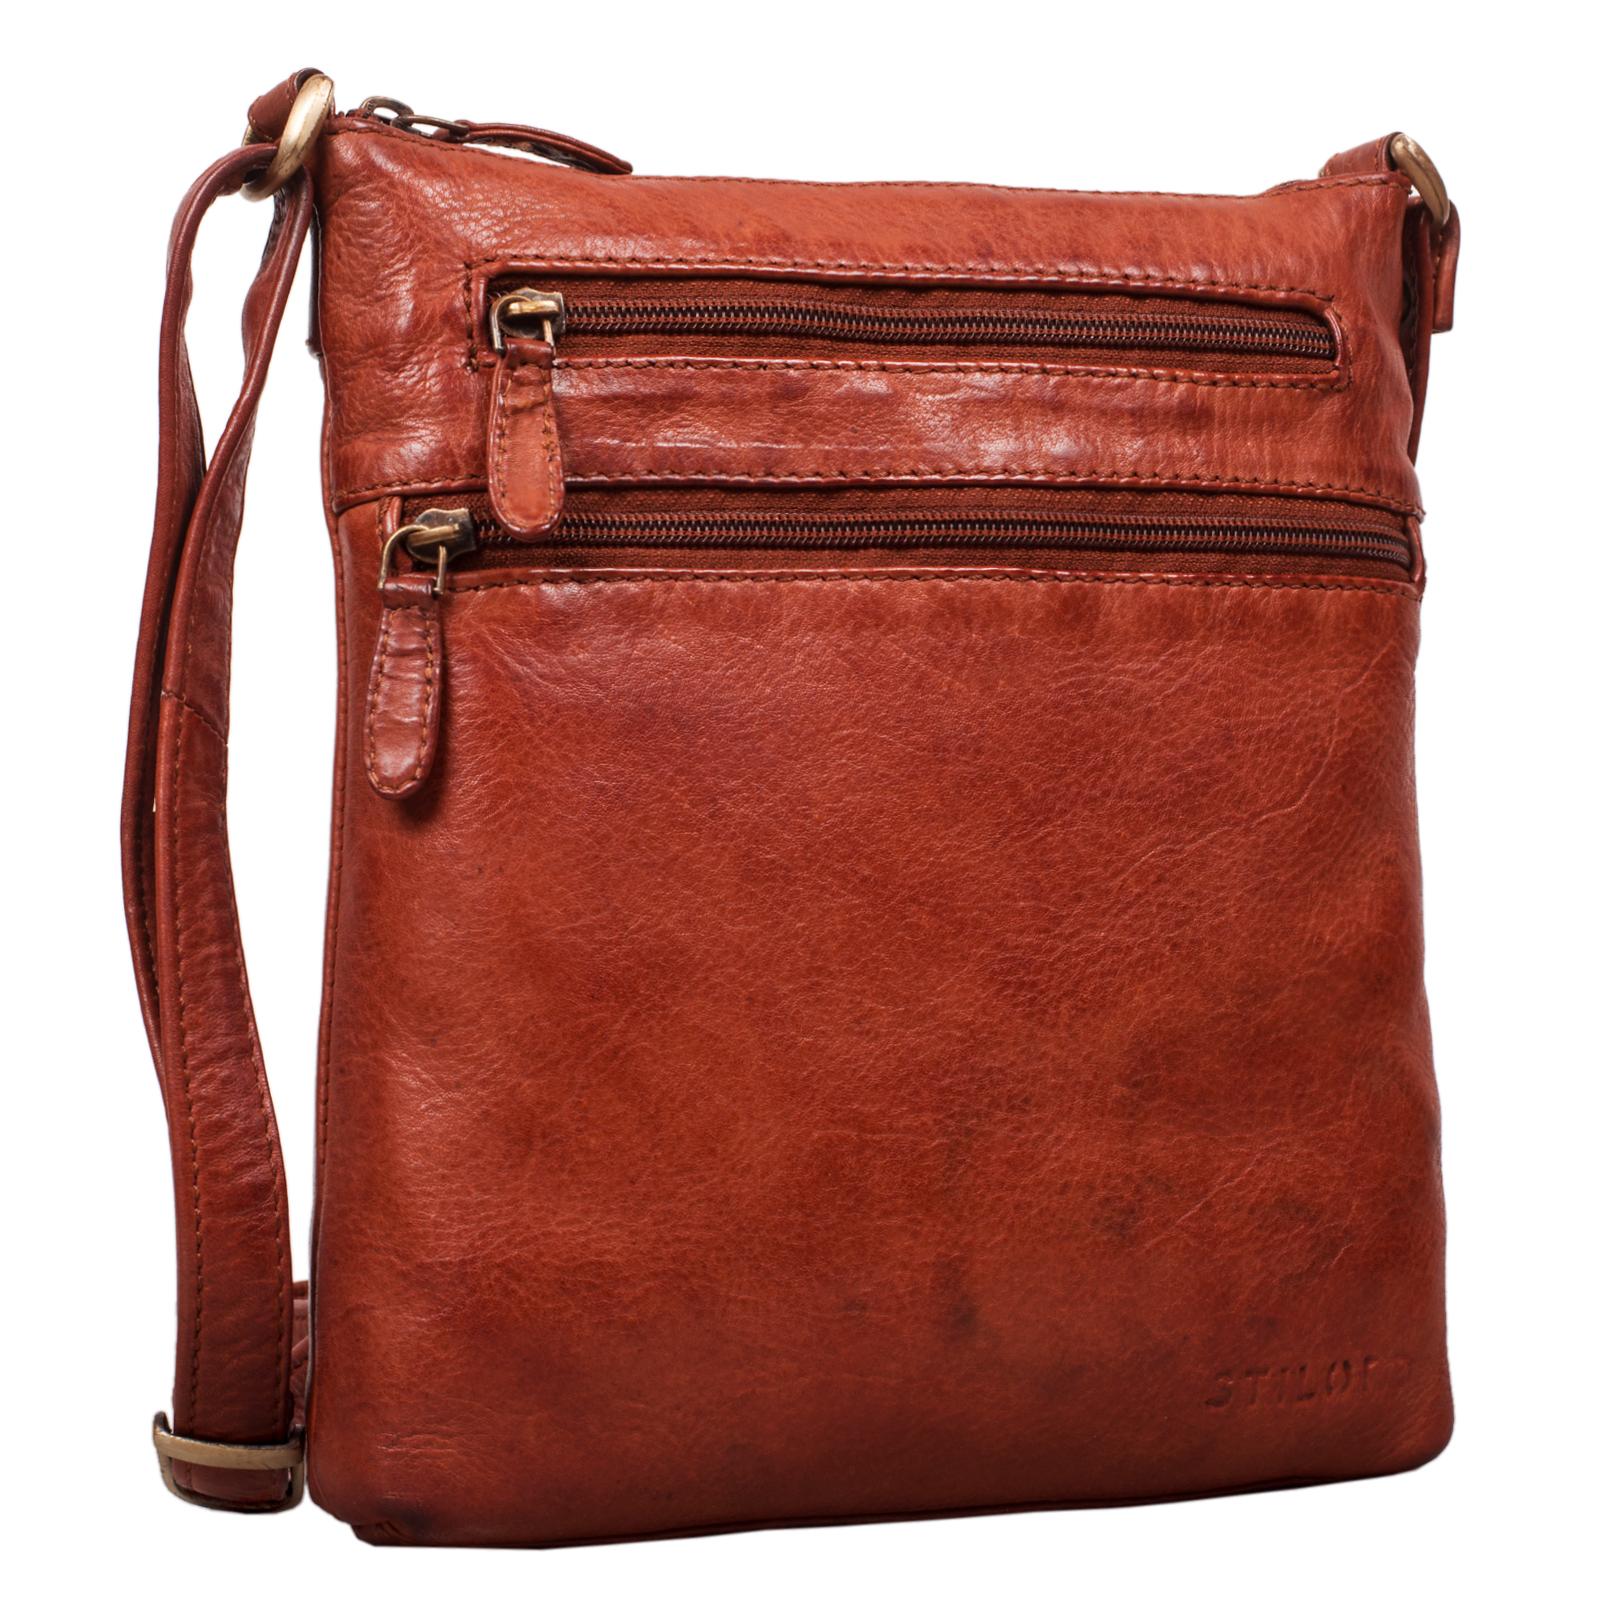 """STILORD """"Juna"""" Damen Umhängetasche Leder braun Handtasche kleine Schultertasche Vintage Damentasche Ausgehtasche für Freizeit Party 9,7 Zoll Tablet iPad Echtleder - Bild 2"""